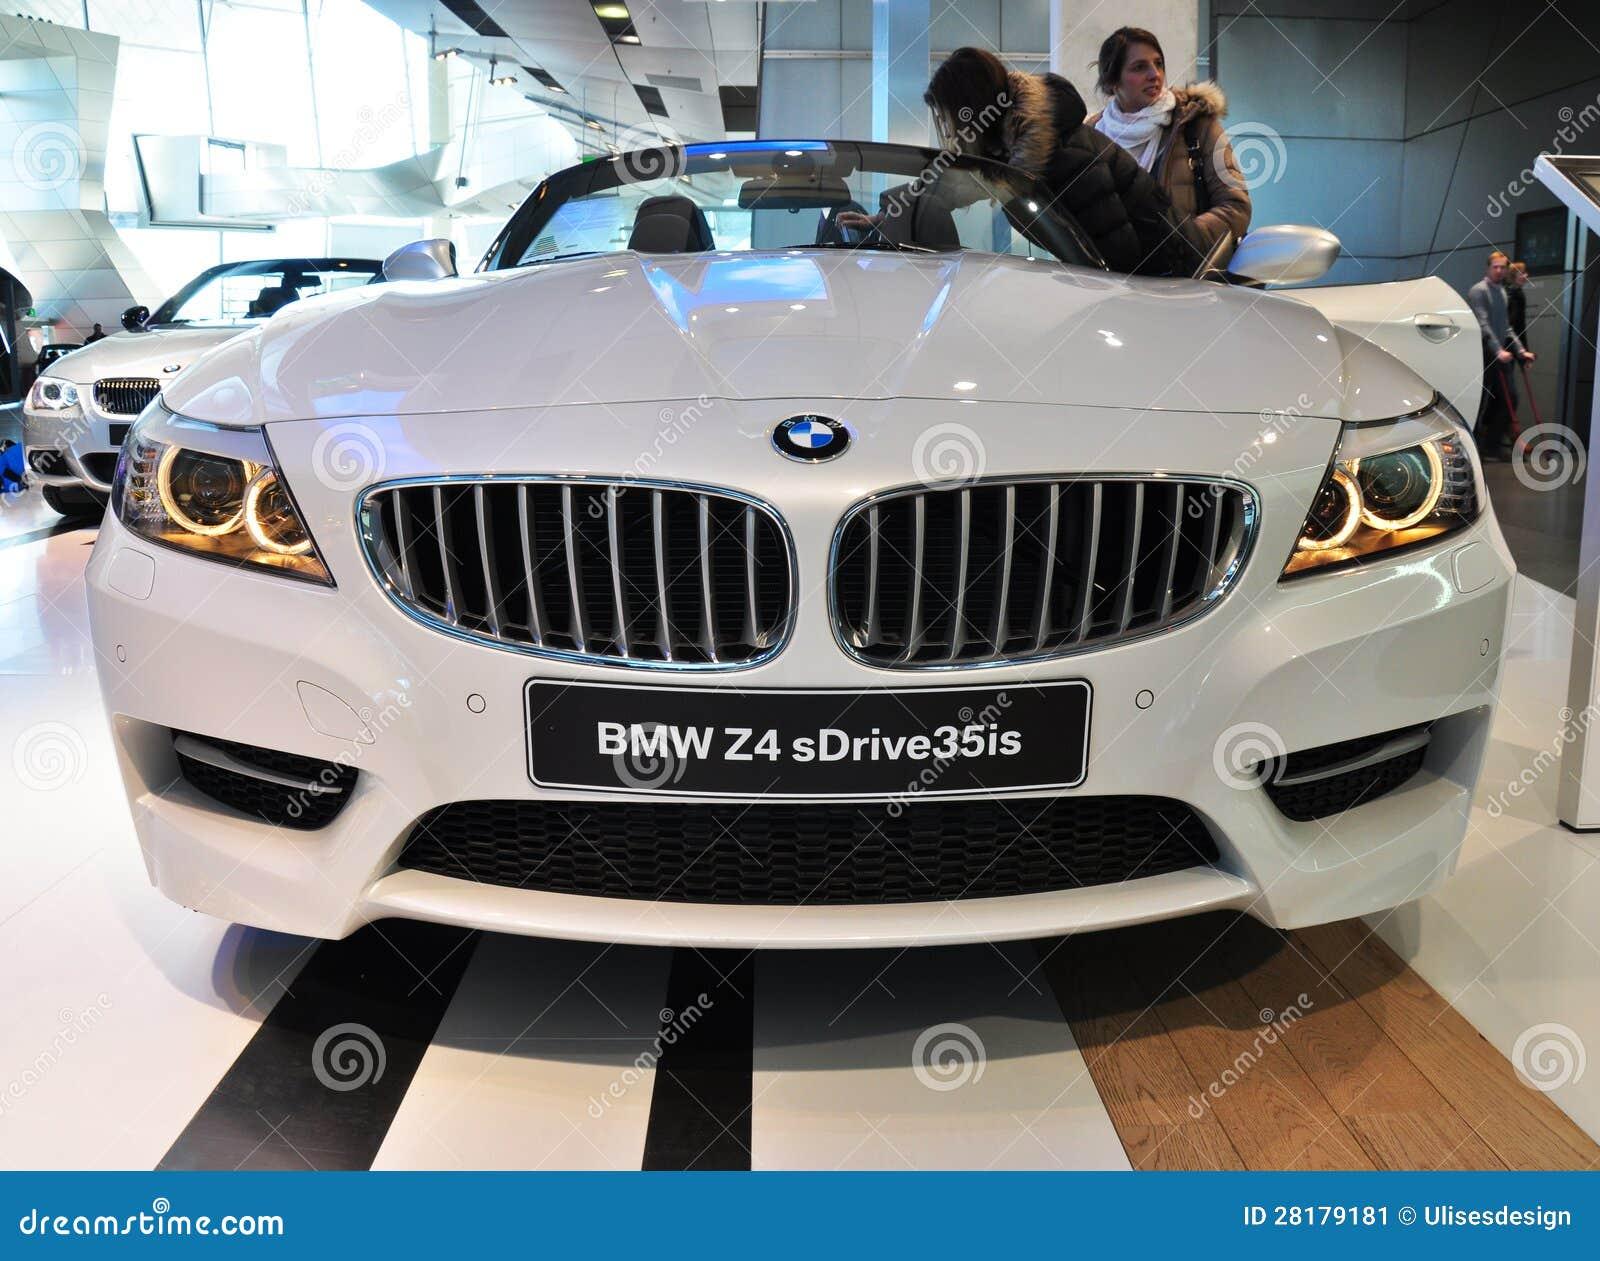 BMW Z3 xDrive35i